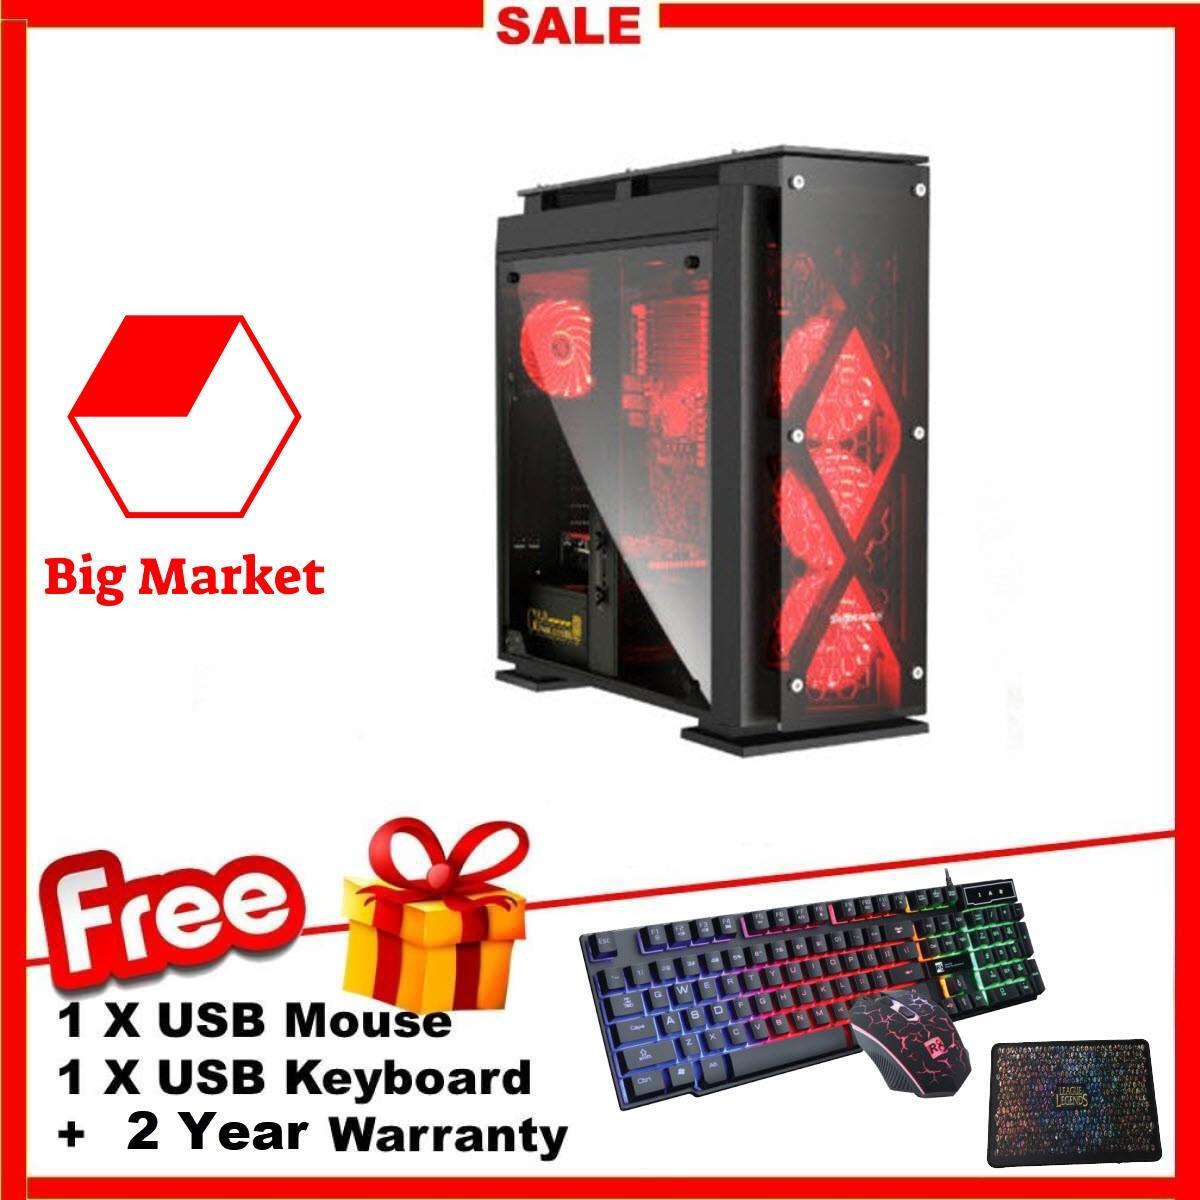 Thùng Cày Game T5 VIP (Pentium G2030, R 8GB, SSD 500GB, Card VGA RờiGTX1060TI 6GB) BMK GamingE + Bộ Quà Tặng Chất